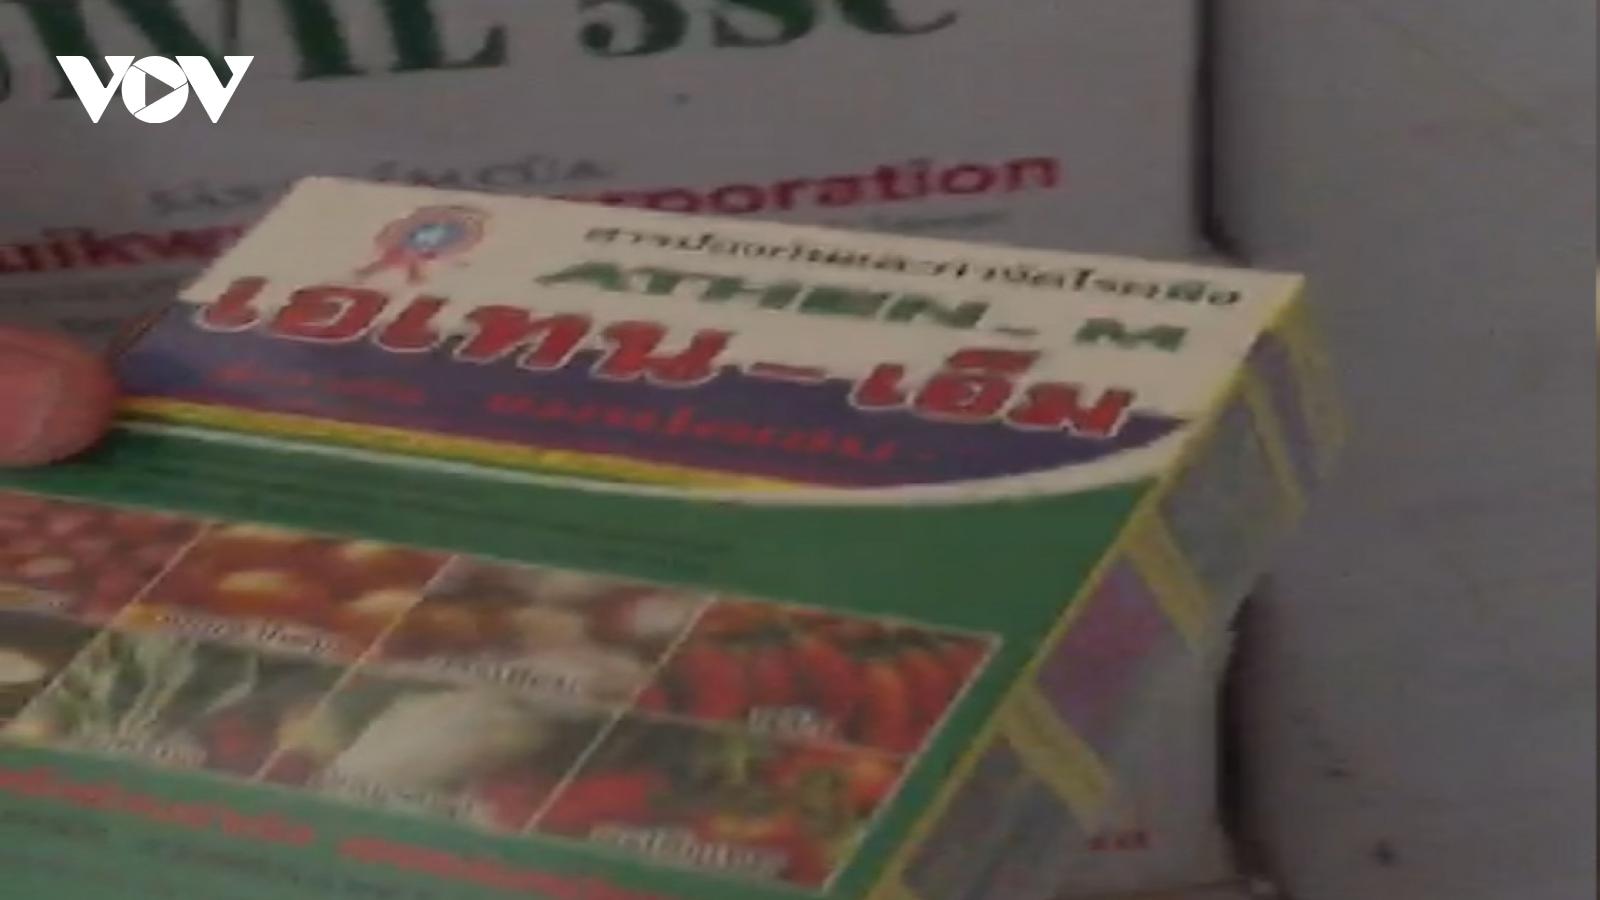 Bắt giữ lượng lớn thuốc bảo vệ thực vật và hàng gia dụng không rõ nguồn gốc ở An Giang